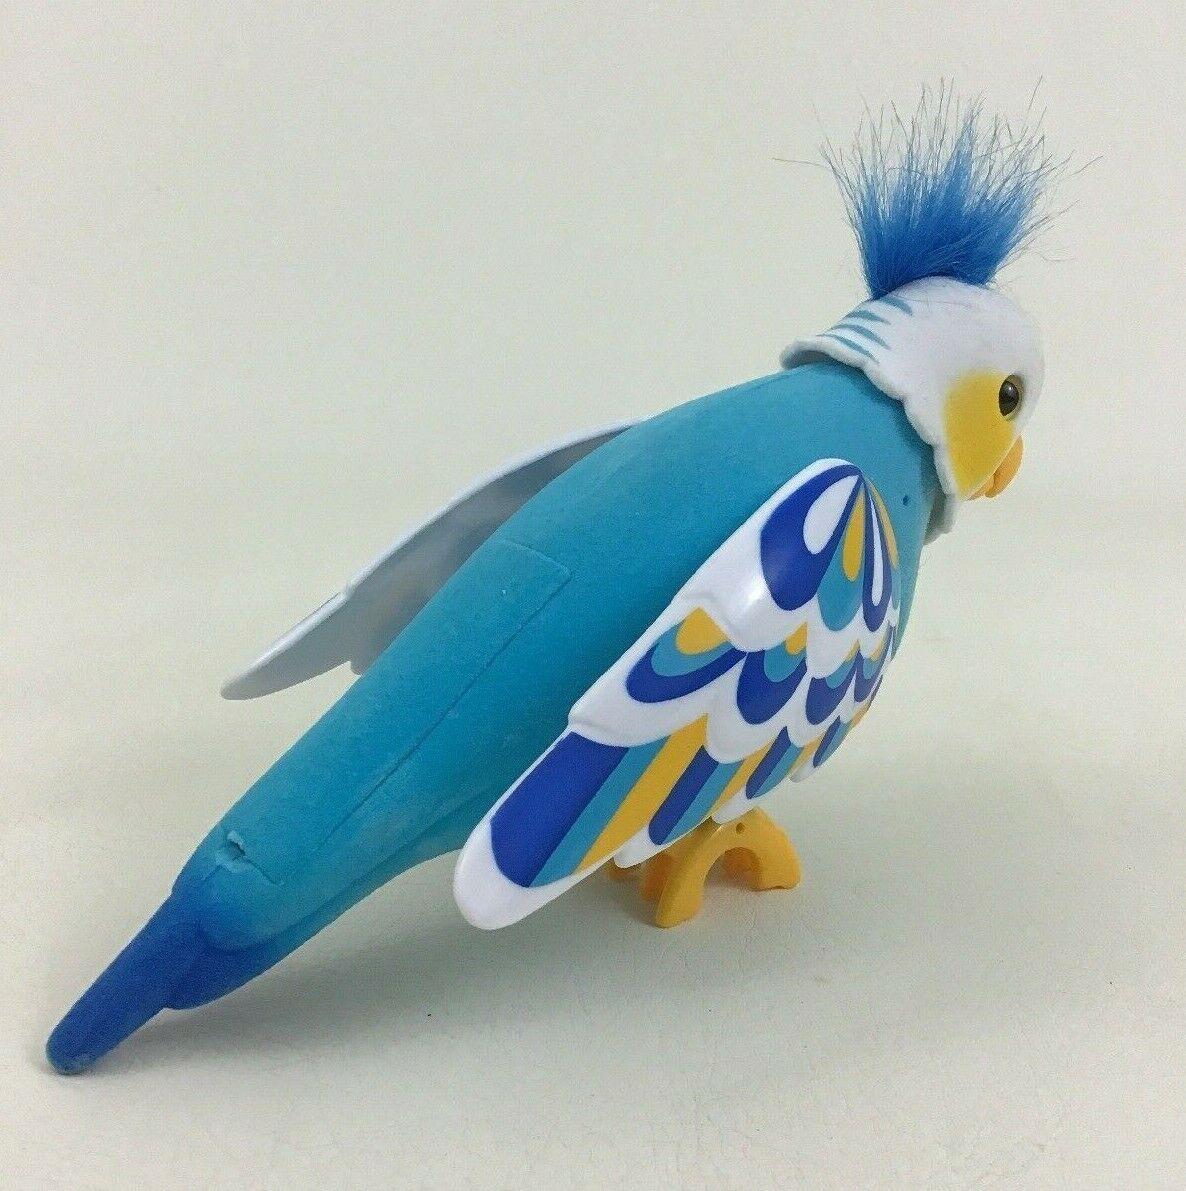 Cleverkeet Little Live Pets Talking Interactive Robot Bird Toy with Batteries